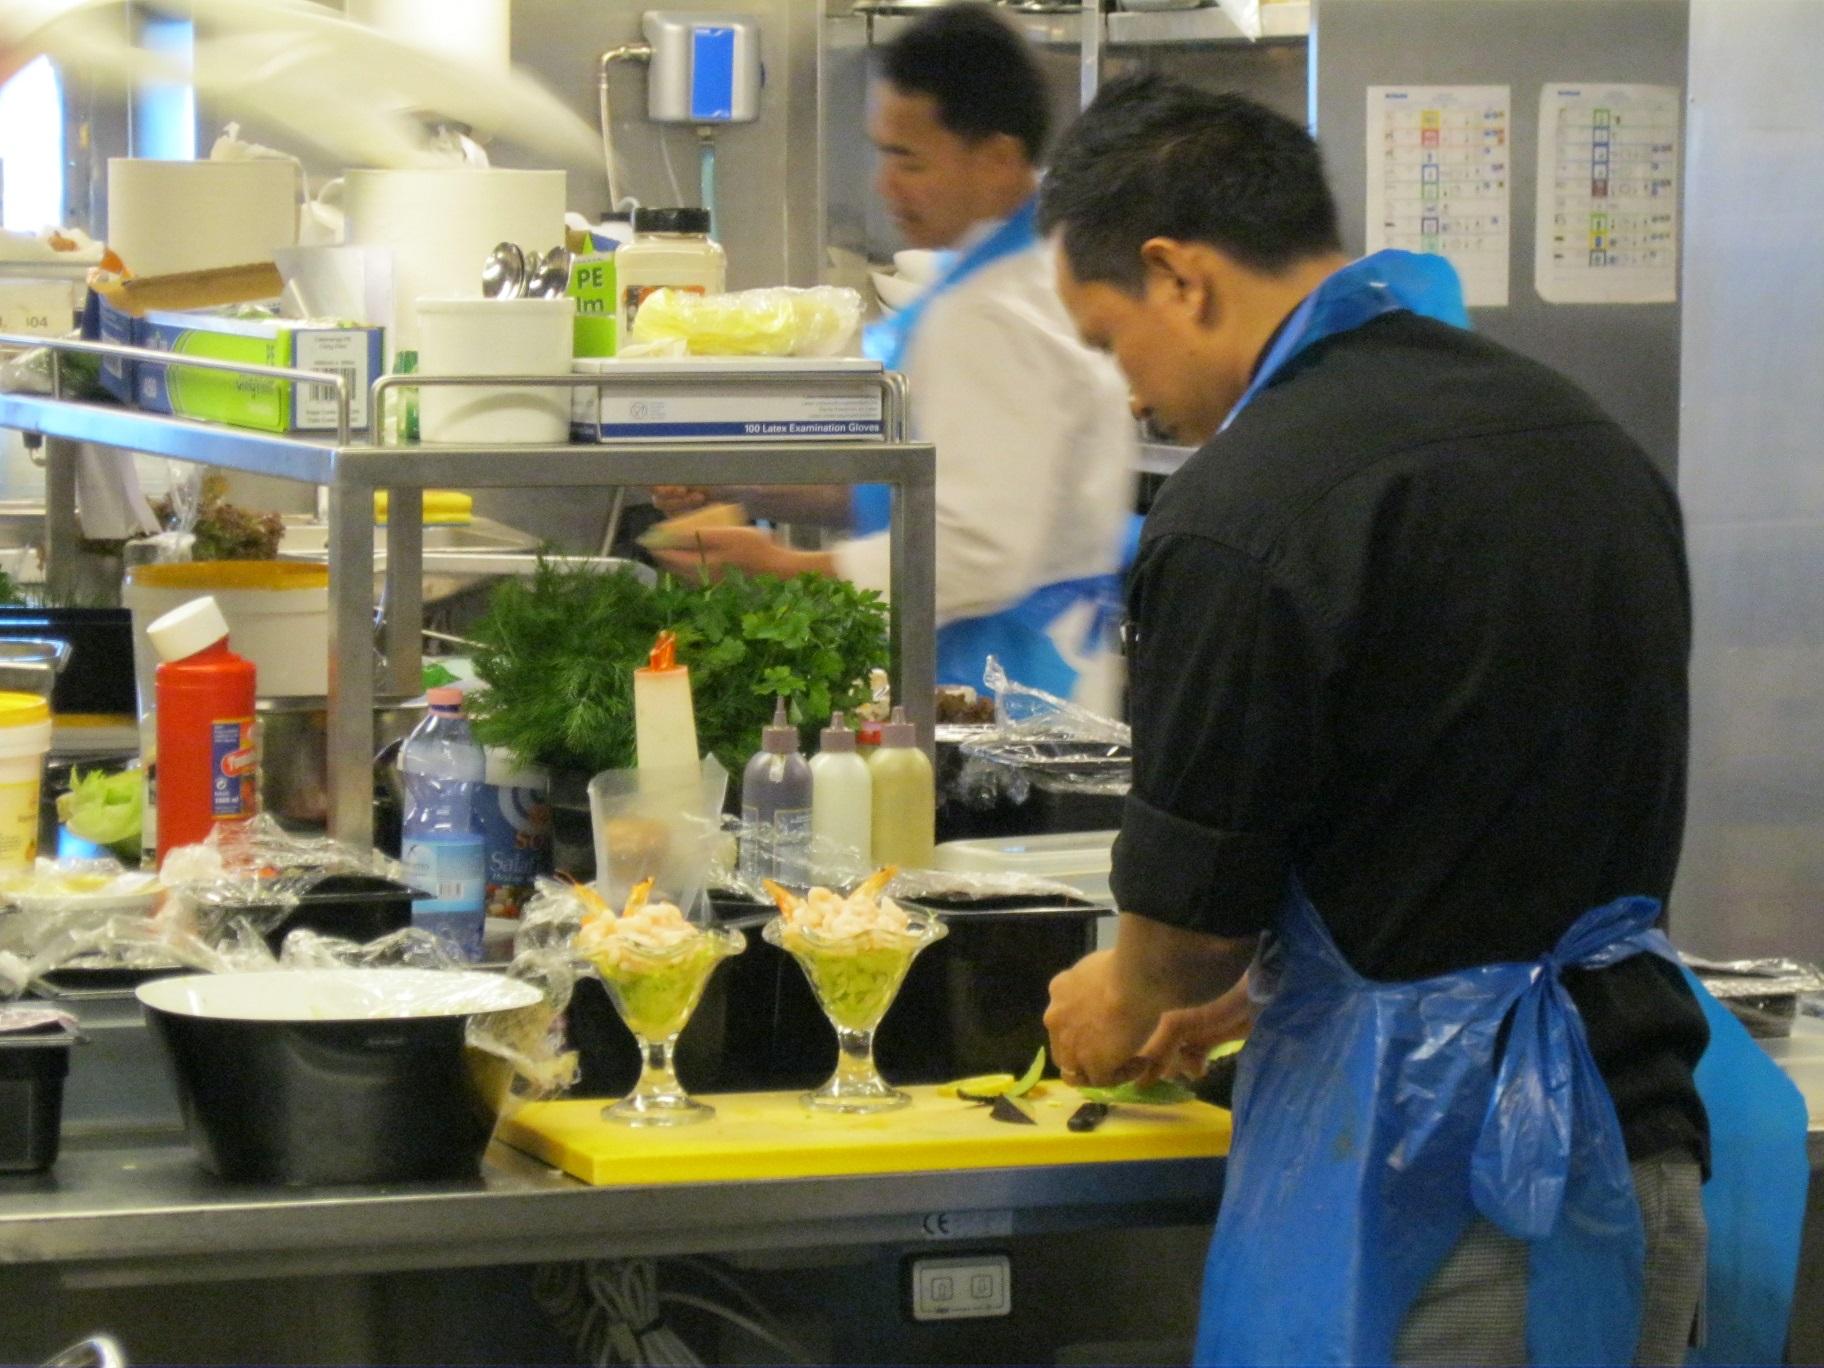 Druk aan het werk in de keuken van KING Seaways